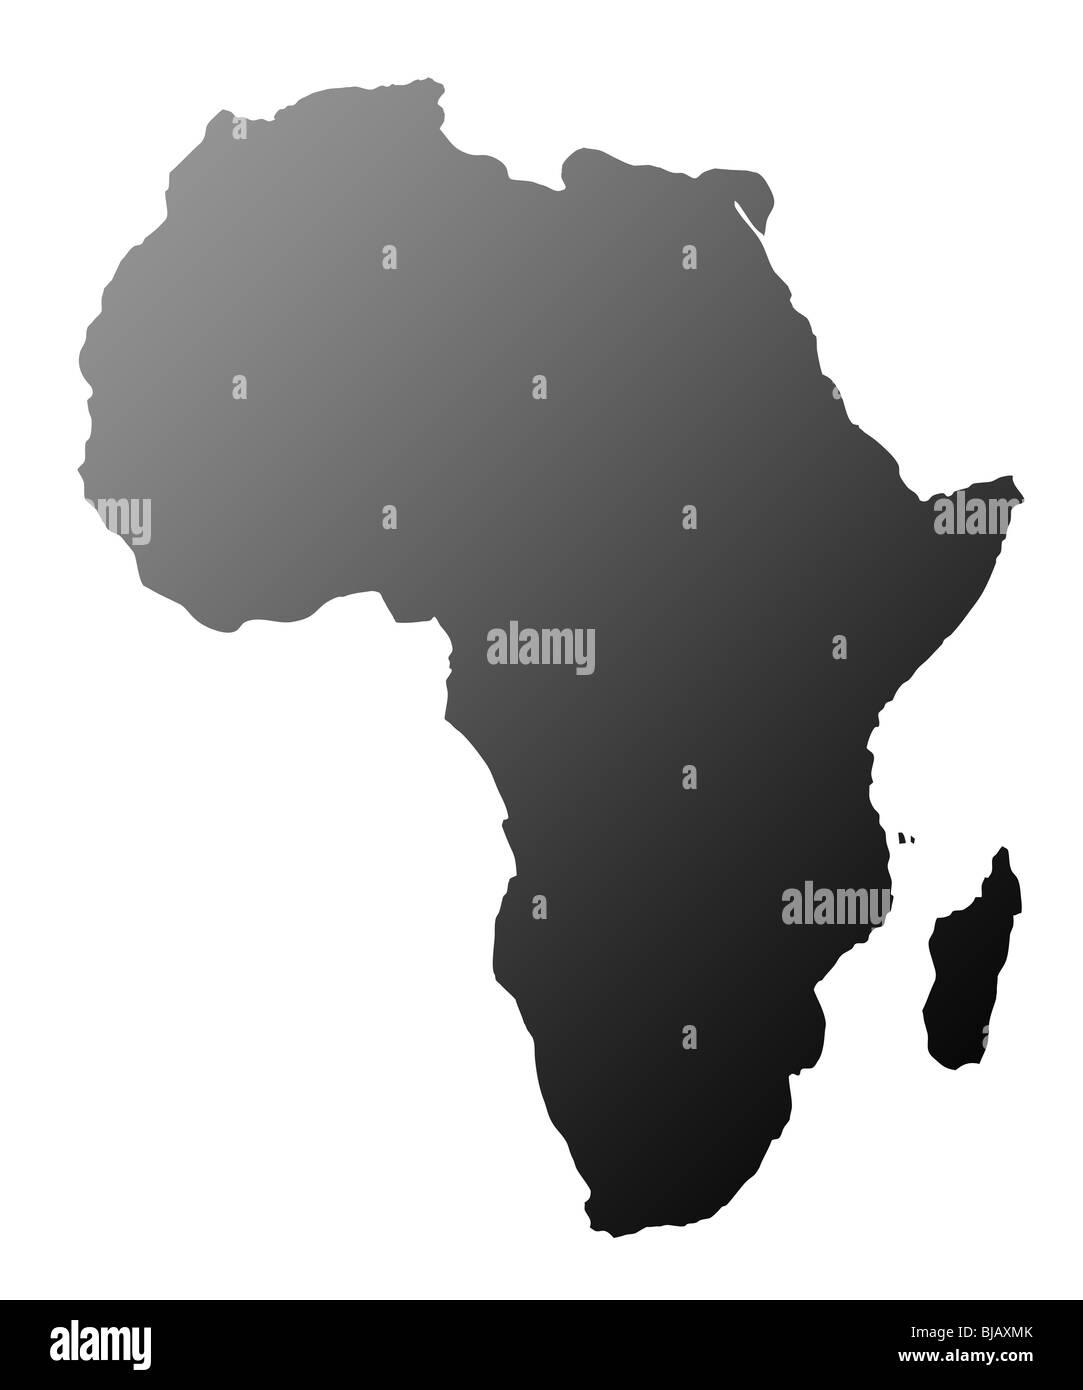 Silhouette des afrikanischen Kontinents, isoliert auf weißem Hintergrund. Stockbild